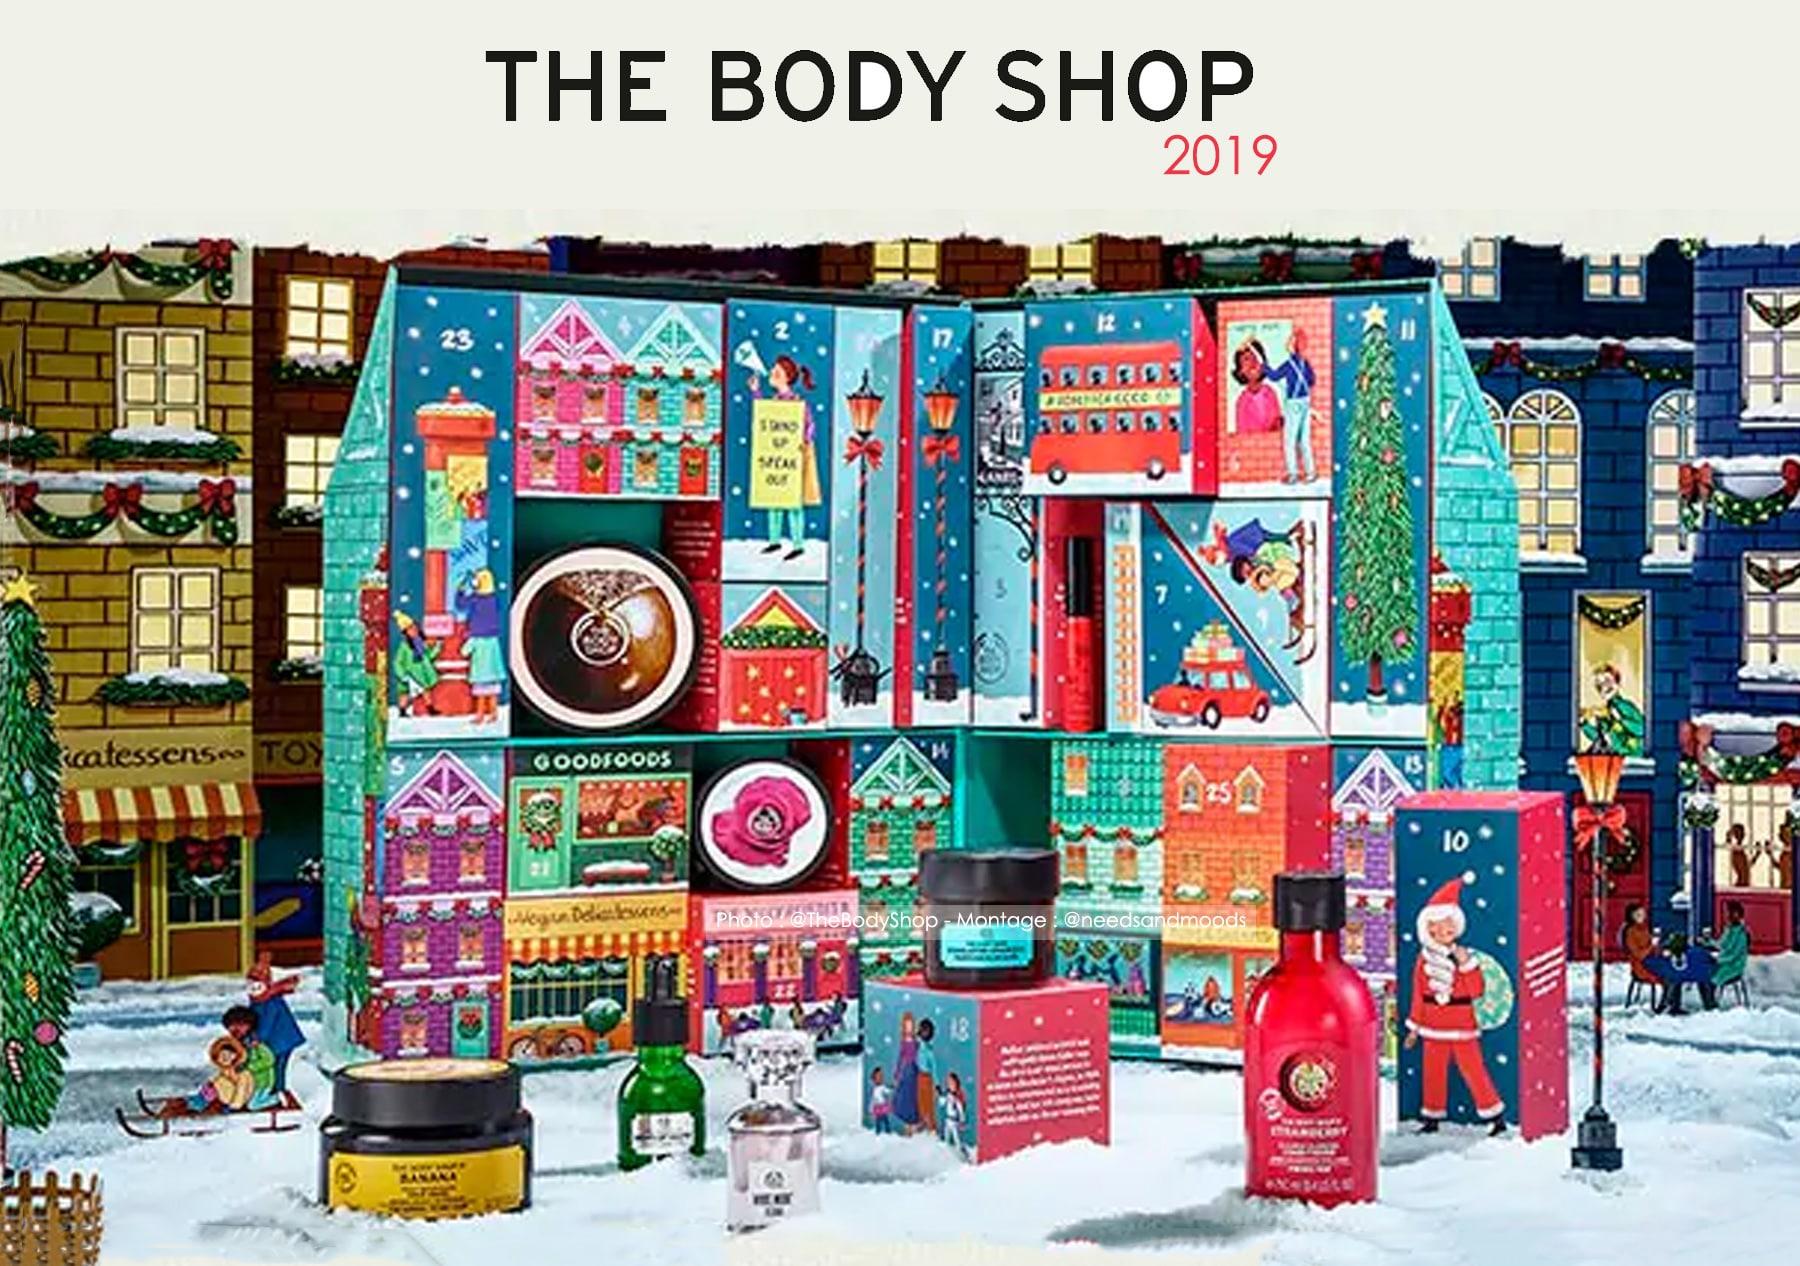 calendrier-de-l'avent-the-body-shop-2019-ultime